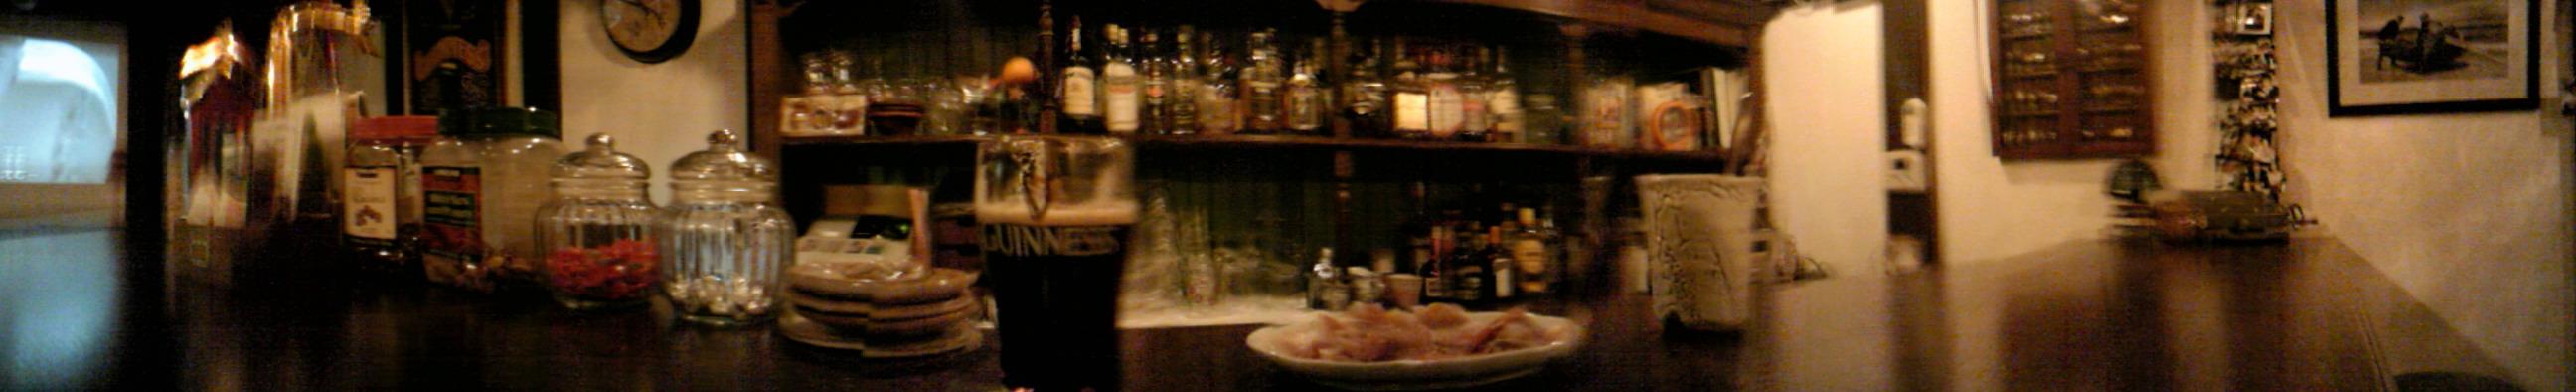 Irish Pub Sam's